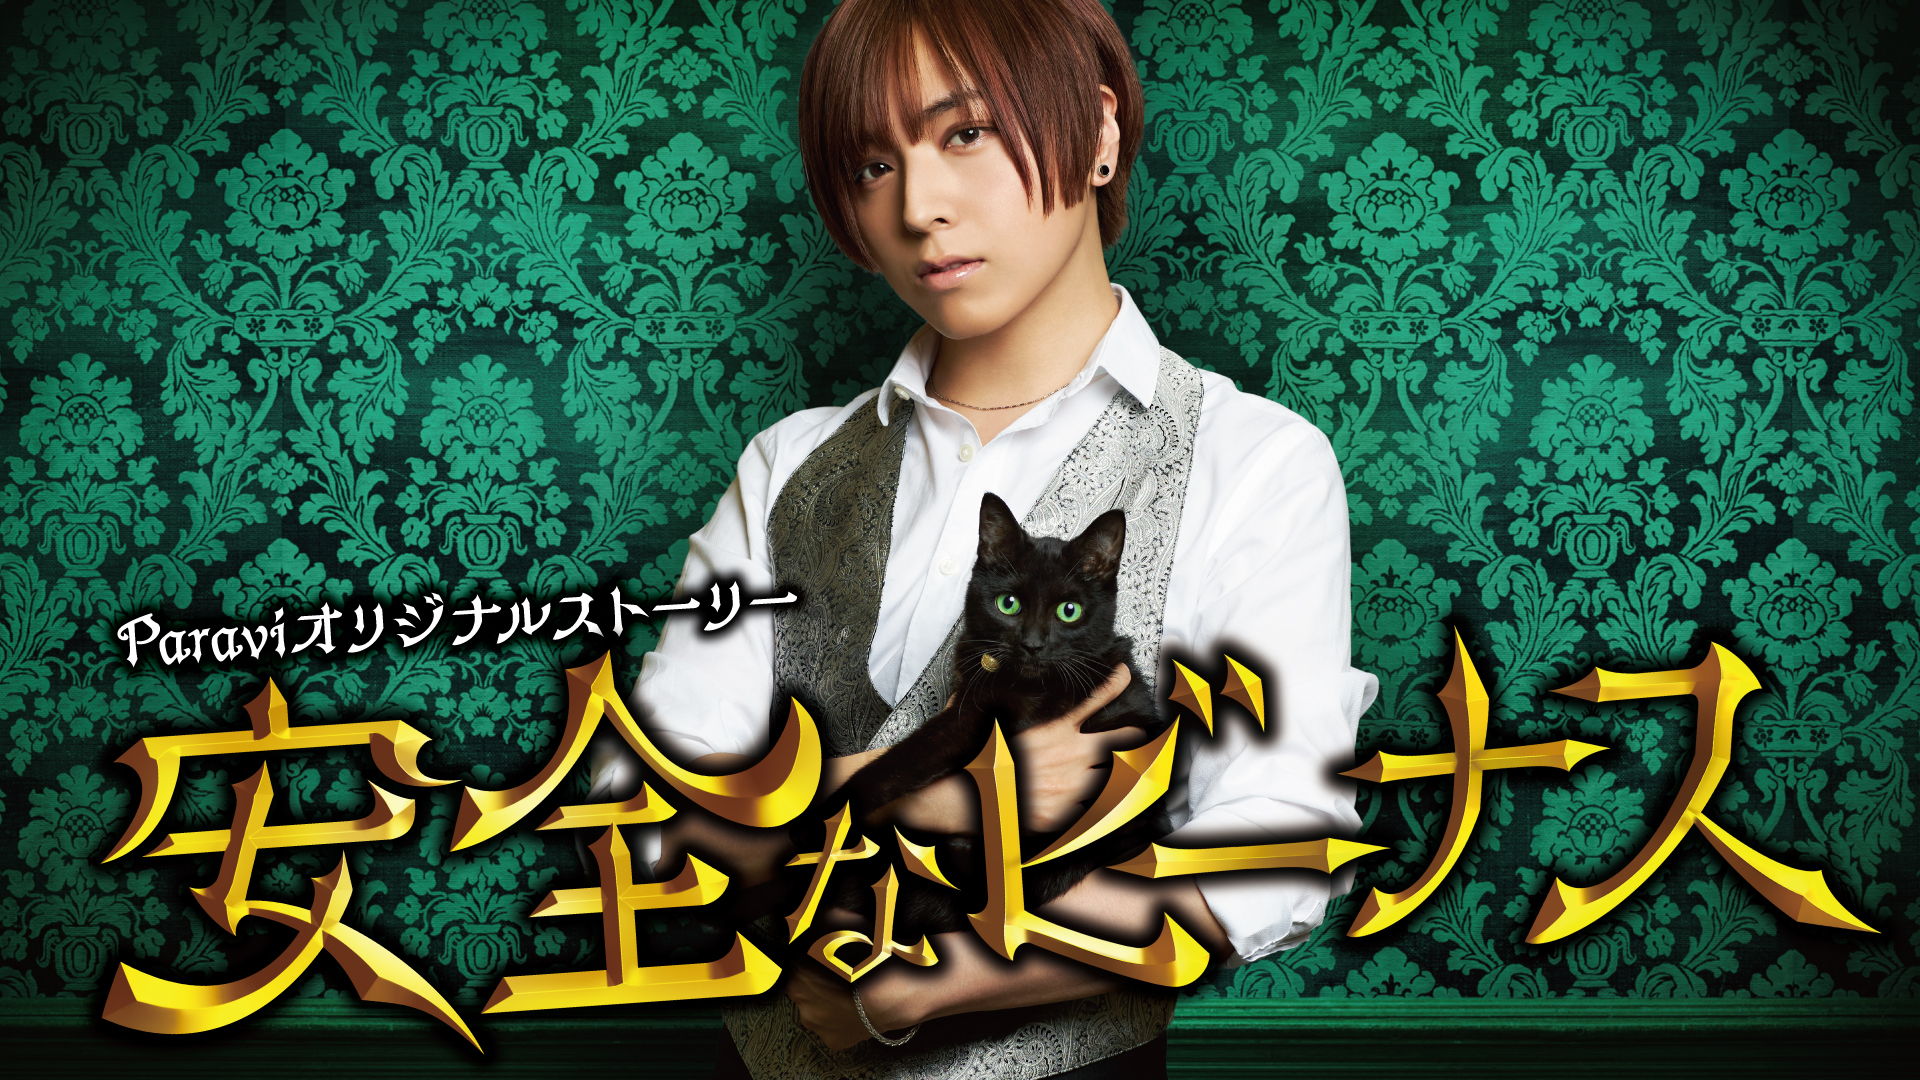 蒼井翔太さんが美しくも不思議なバーのマスター役で出演!Paraviオリジナルストーリー「安全なビーナス」配信決定